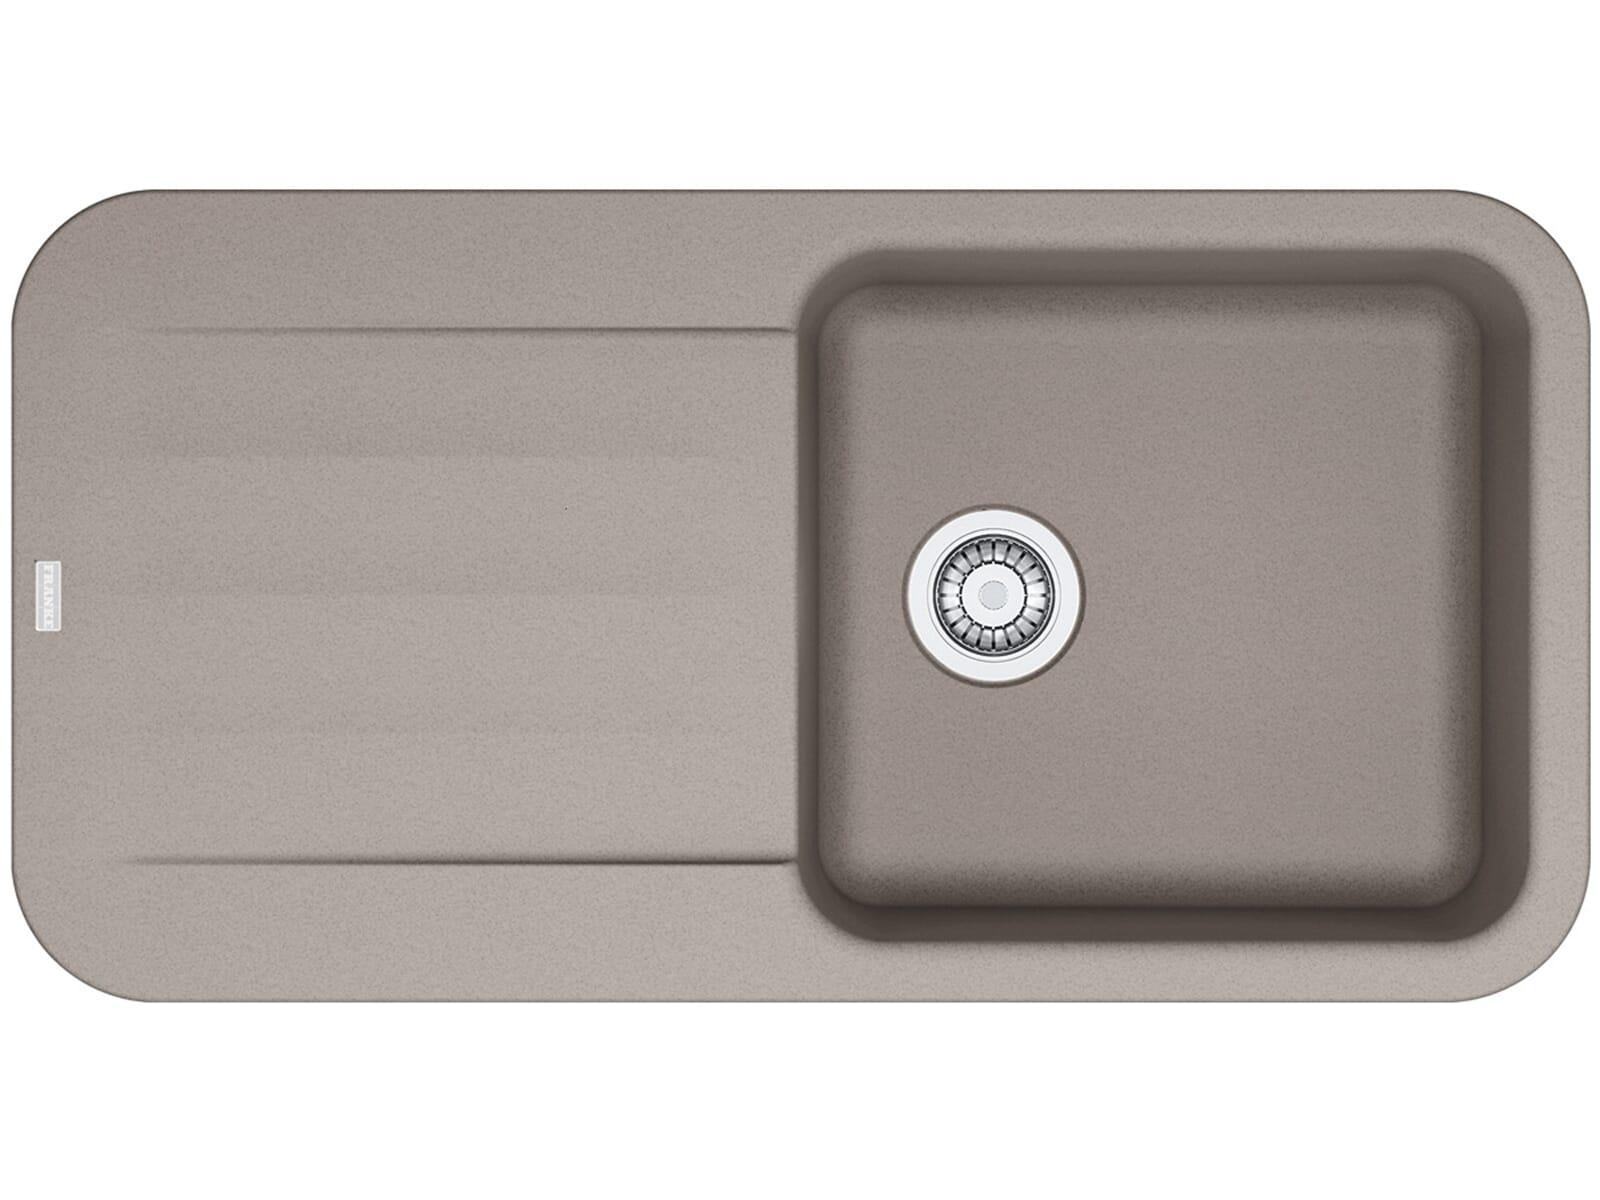 franke pebel pbg 611 97 cashmere granit grau k chensp le sp lbecken einbausp le ebay. Black Bedroom Furniture Sets. Home Design Ideas